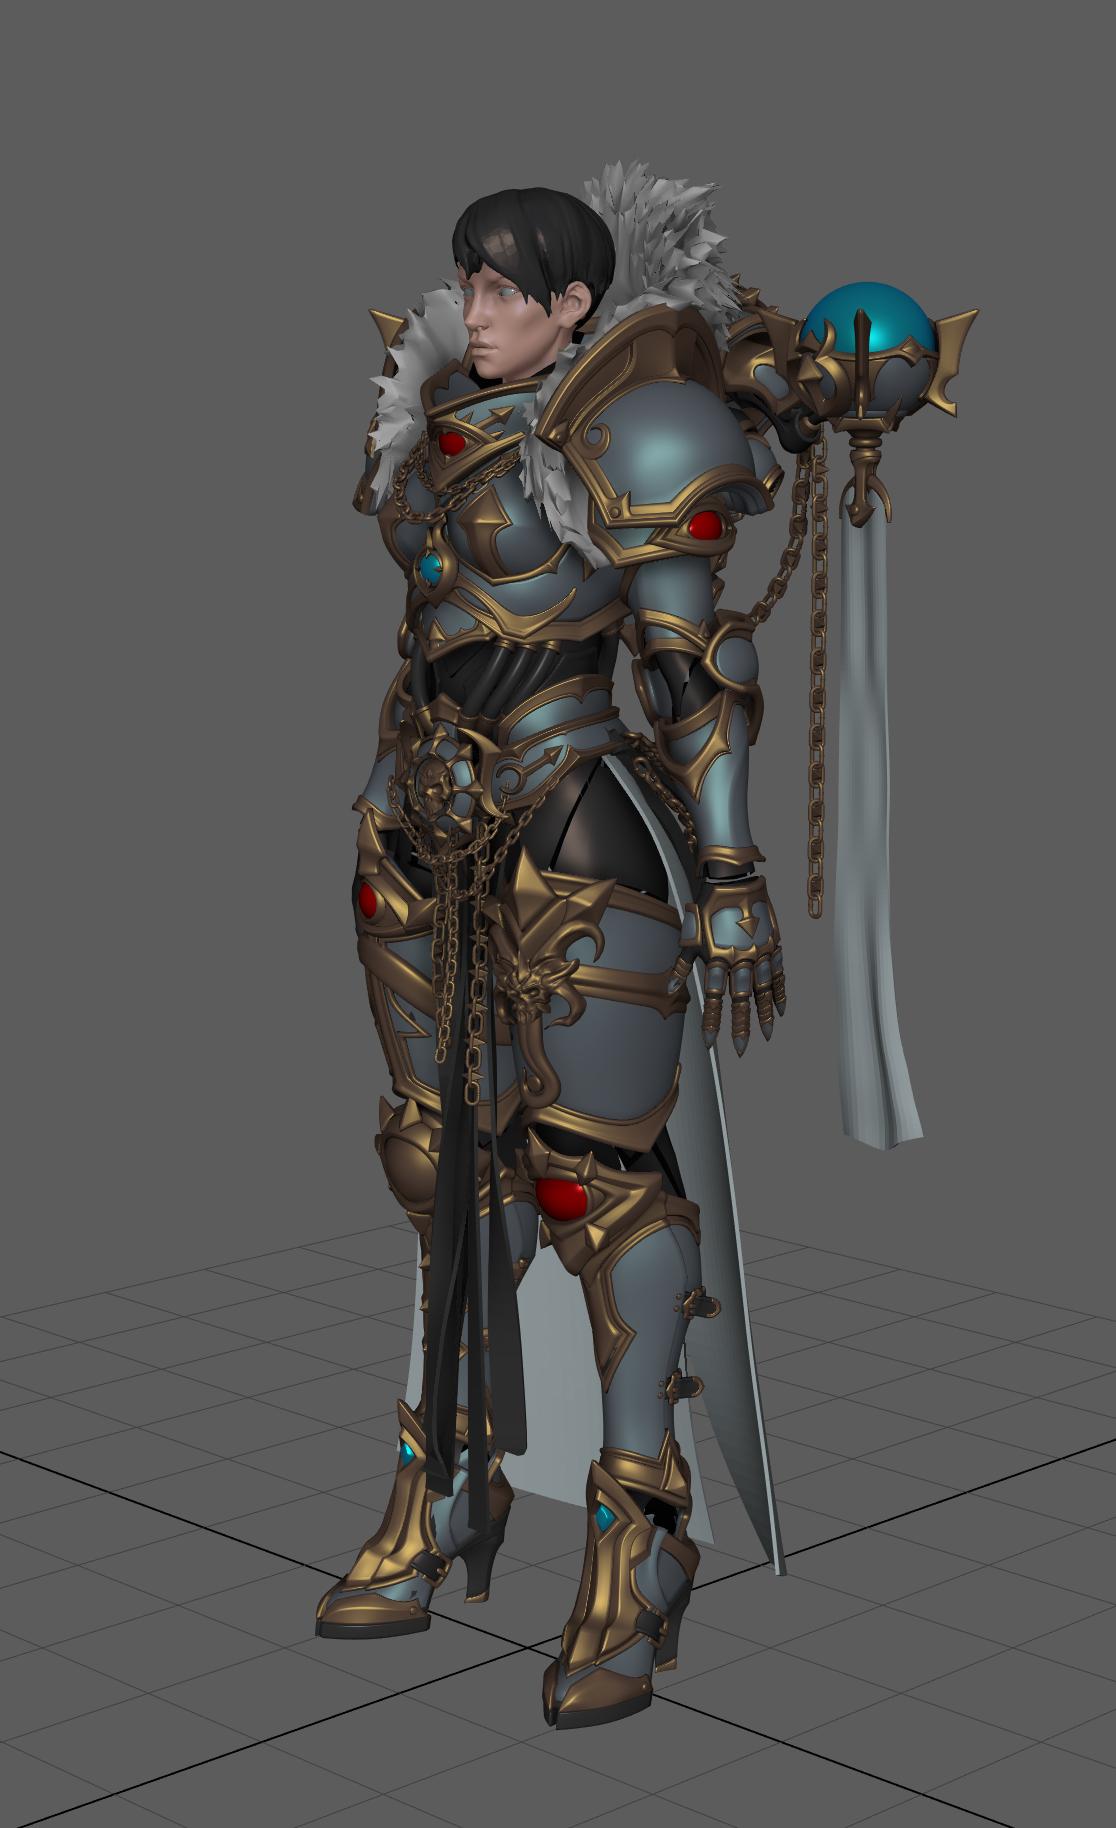 Armor_WIP_04.jpg